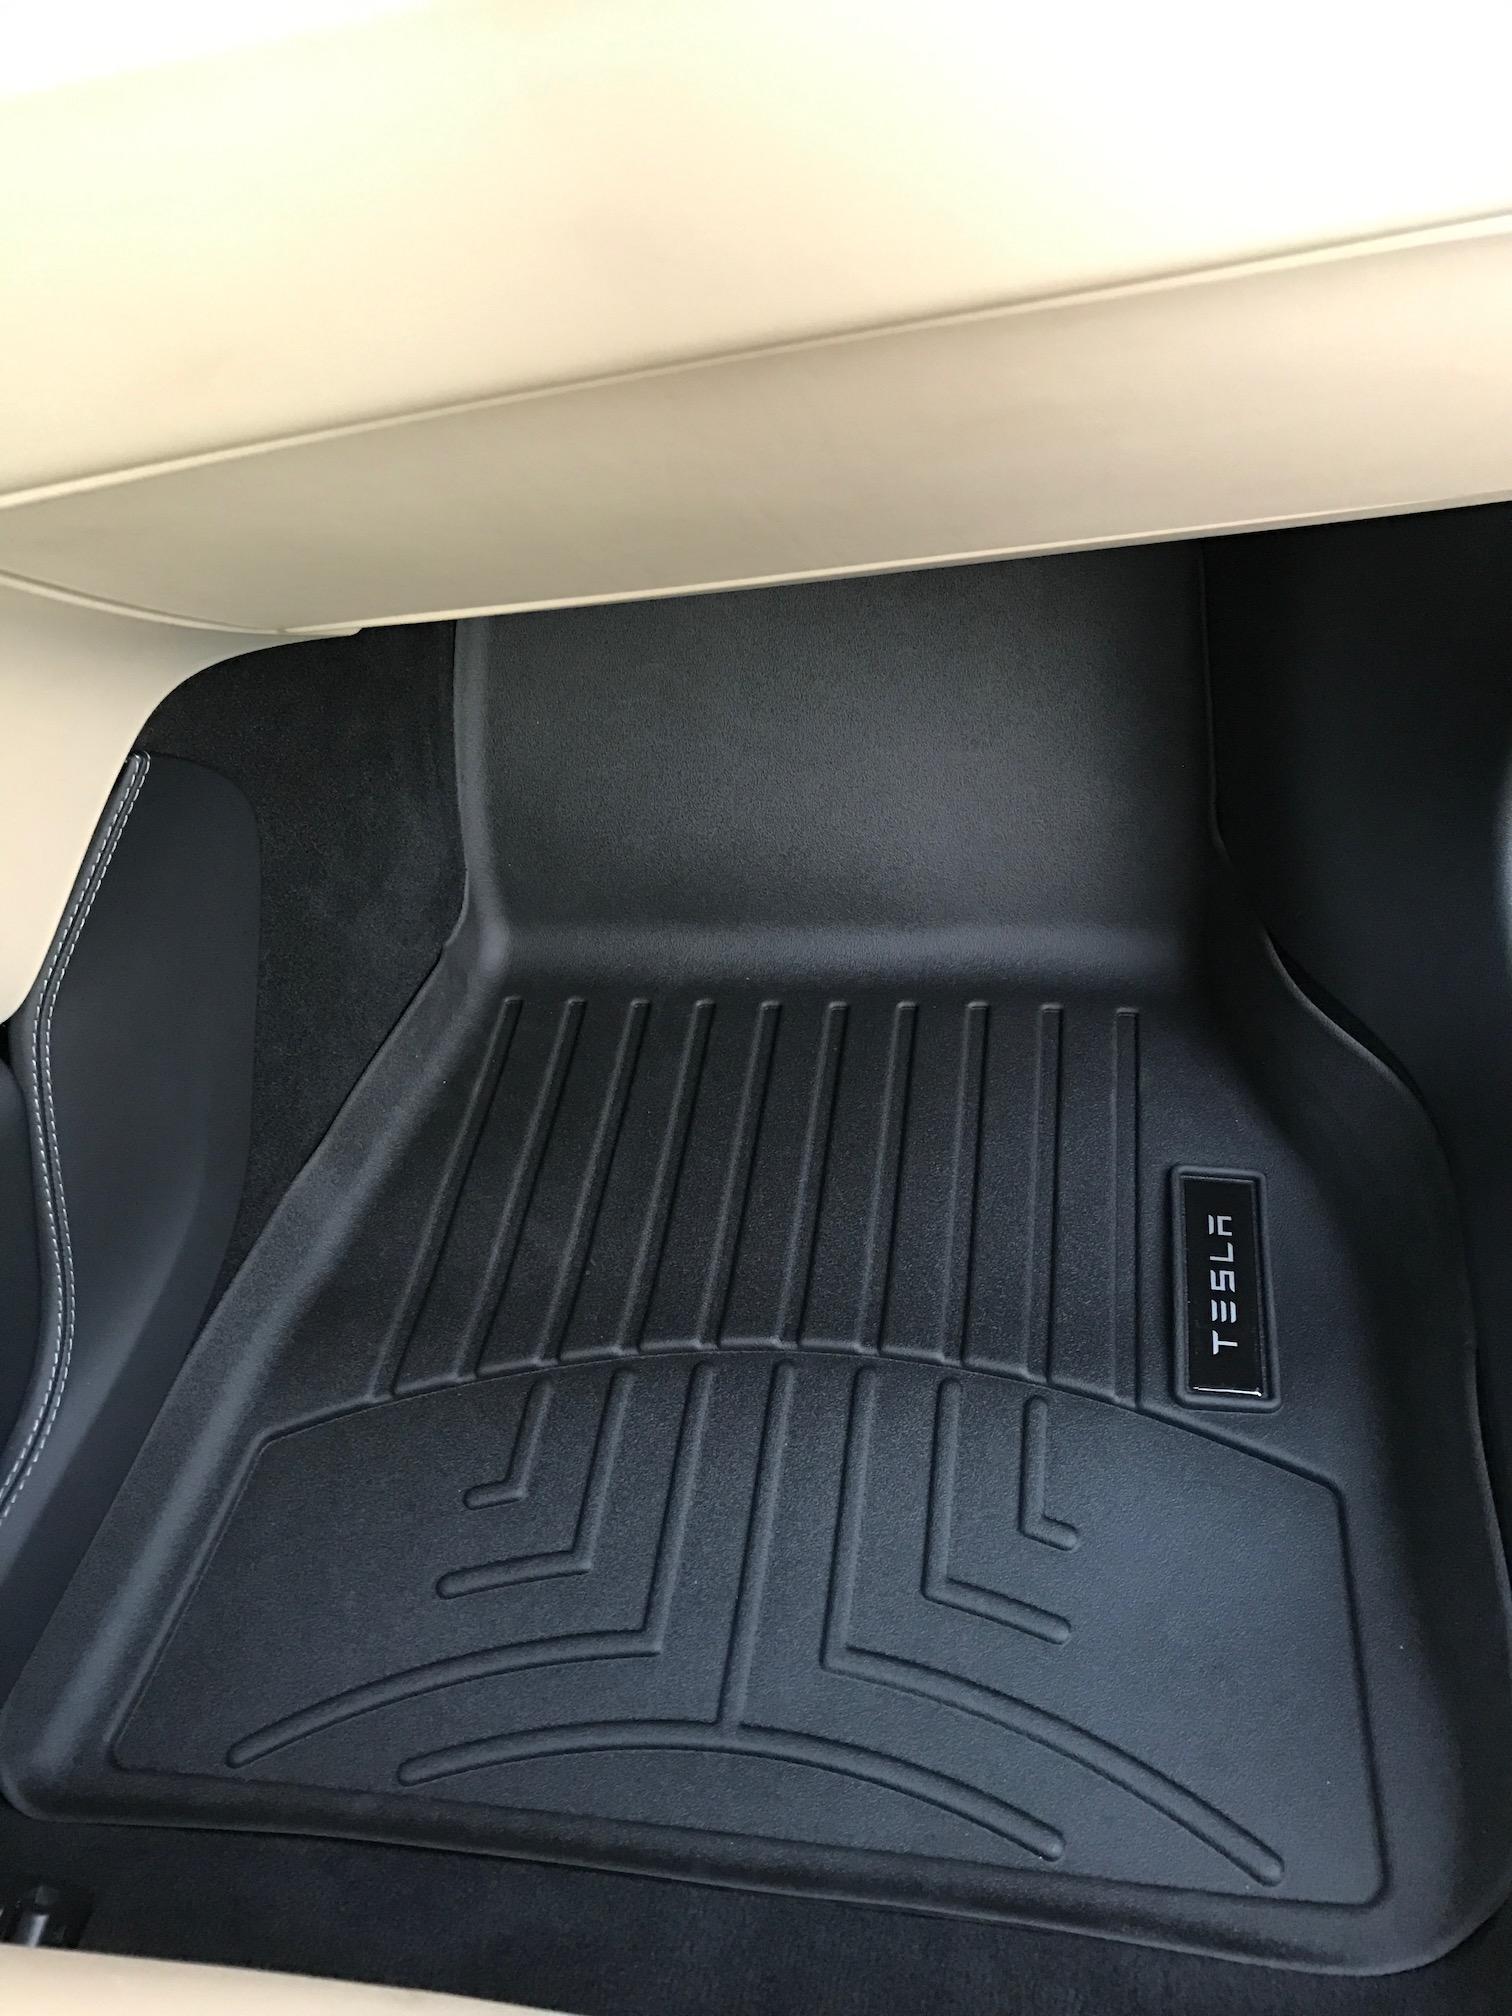 Passenger side floor liner mat (Installed)